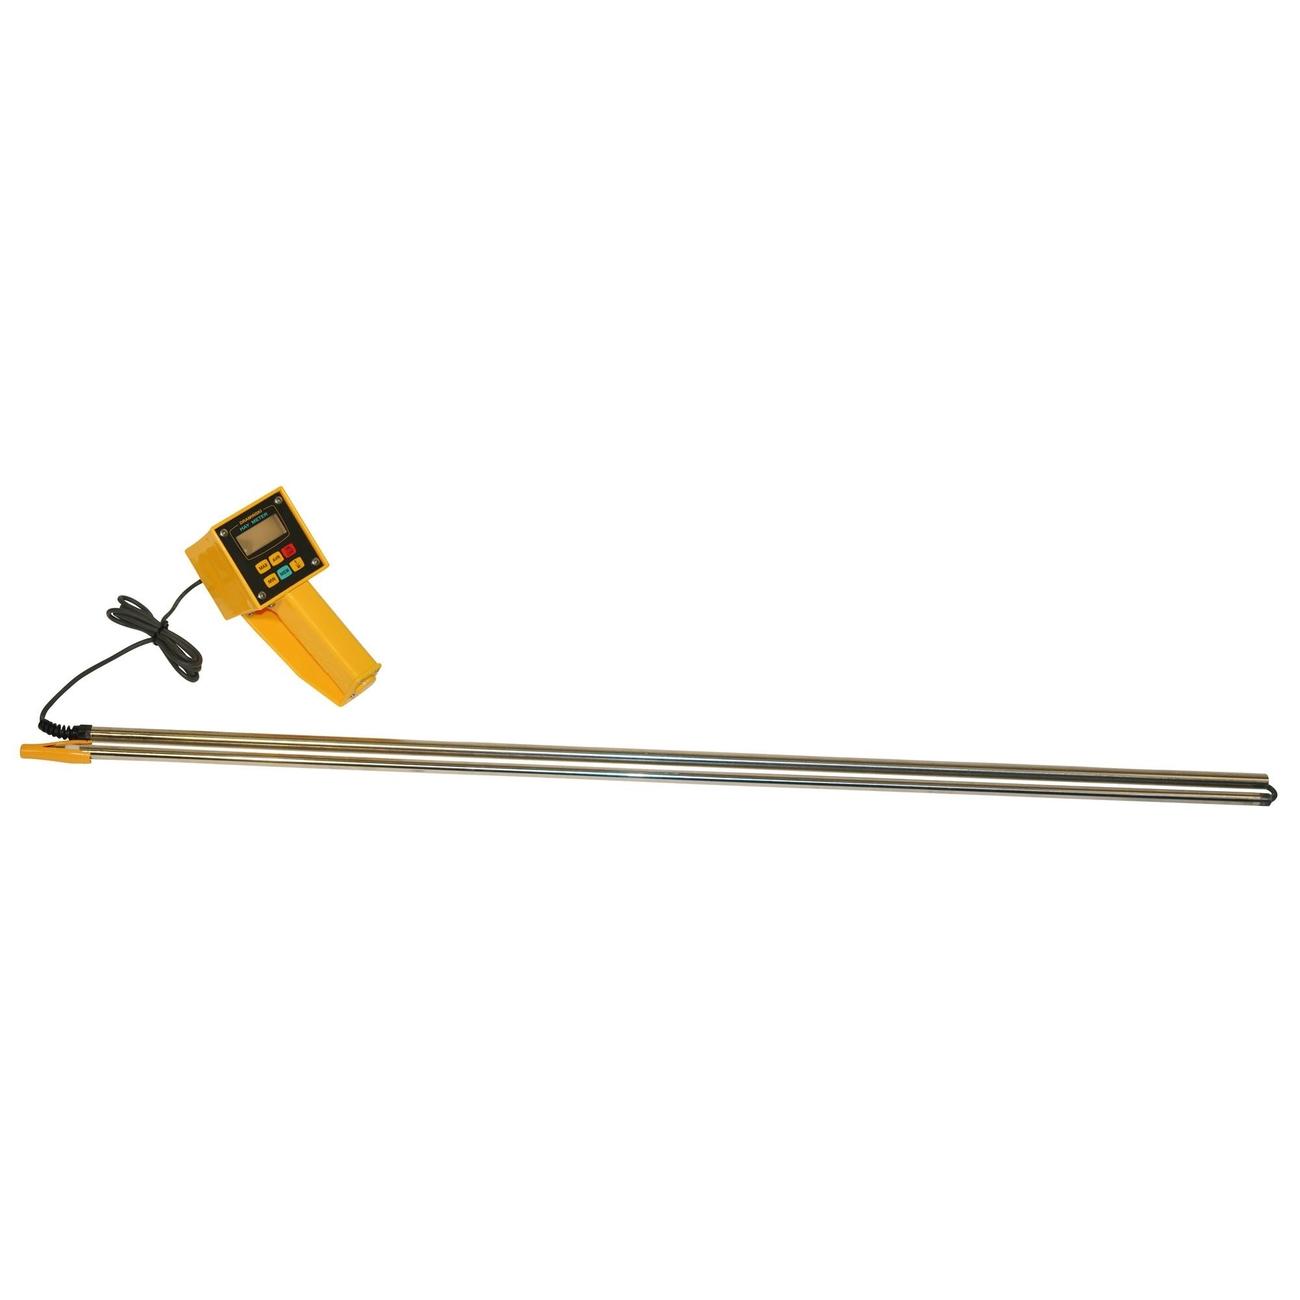 Kerbl Feuchtemessgerät für Heu und Stroh, mit Kabel und 2m Sonde